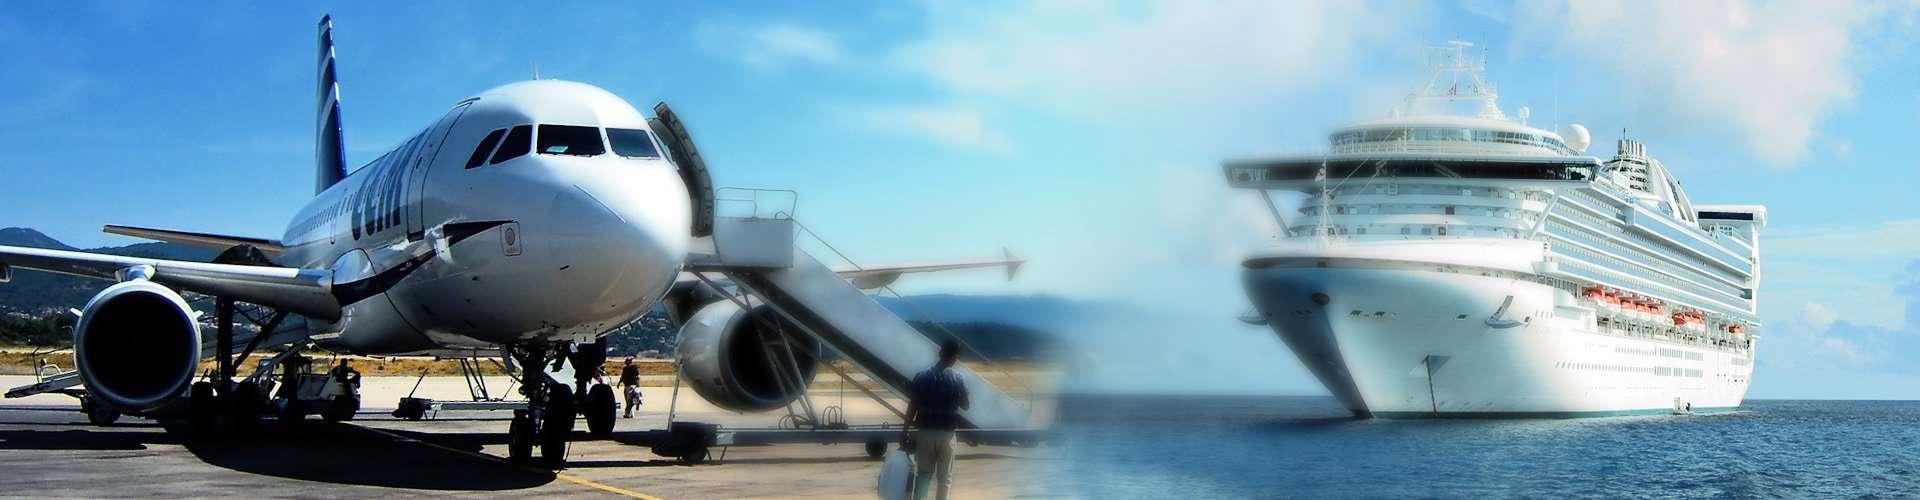 Transfers, Escursions, Private Transfers.